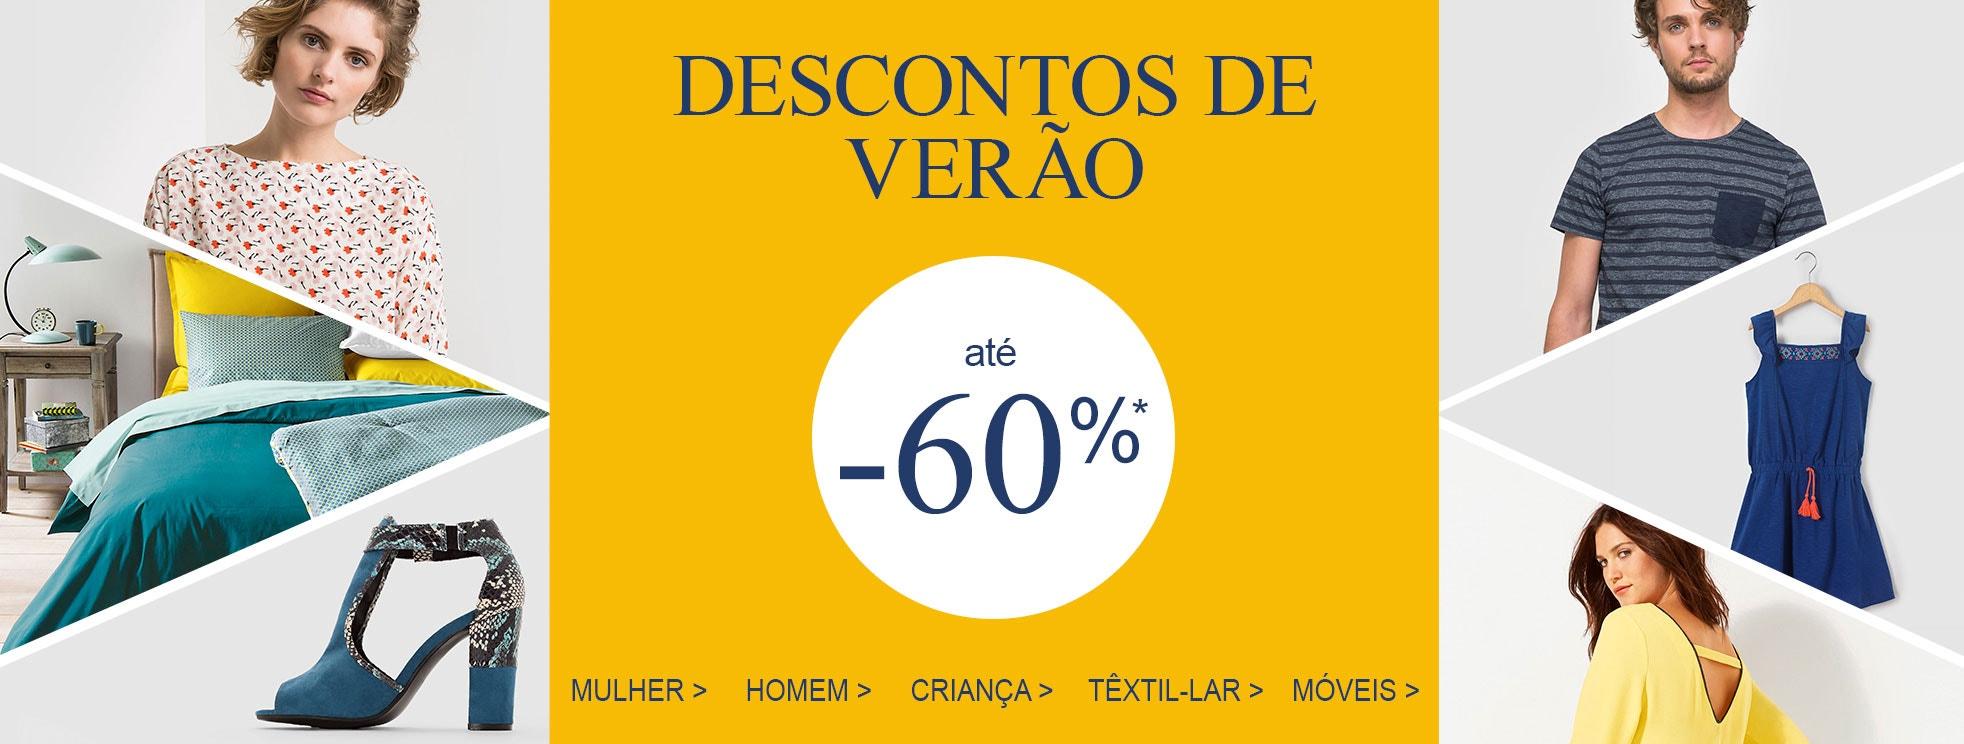 Descontos de verão MILHARES DE ARTIGOS ATÉ -50%